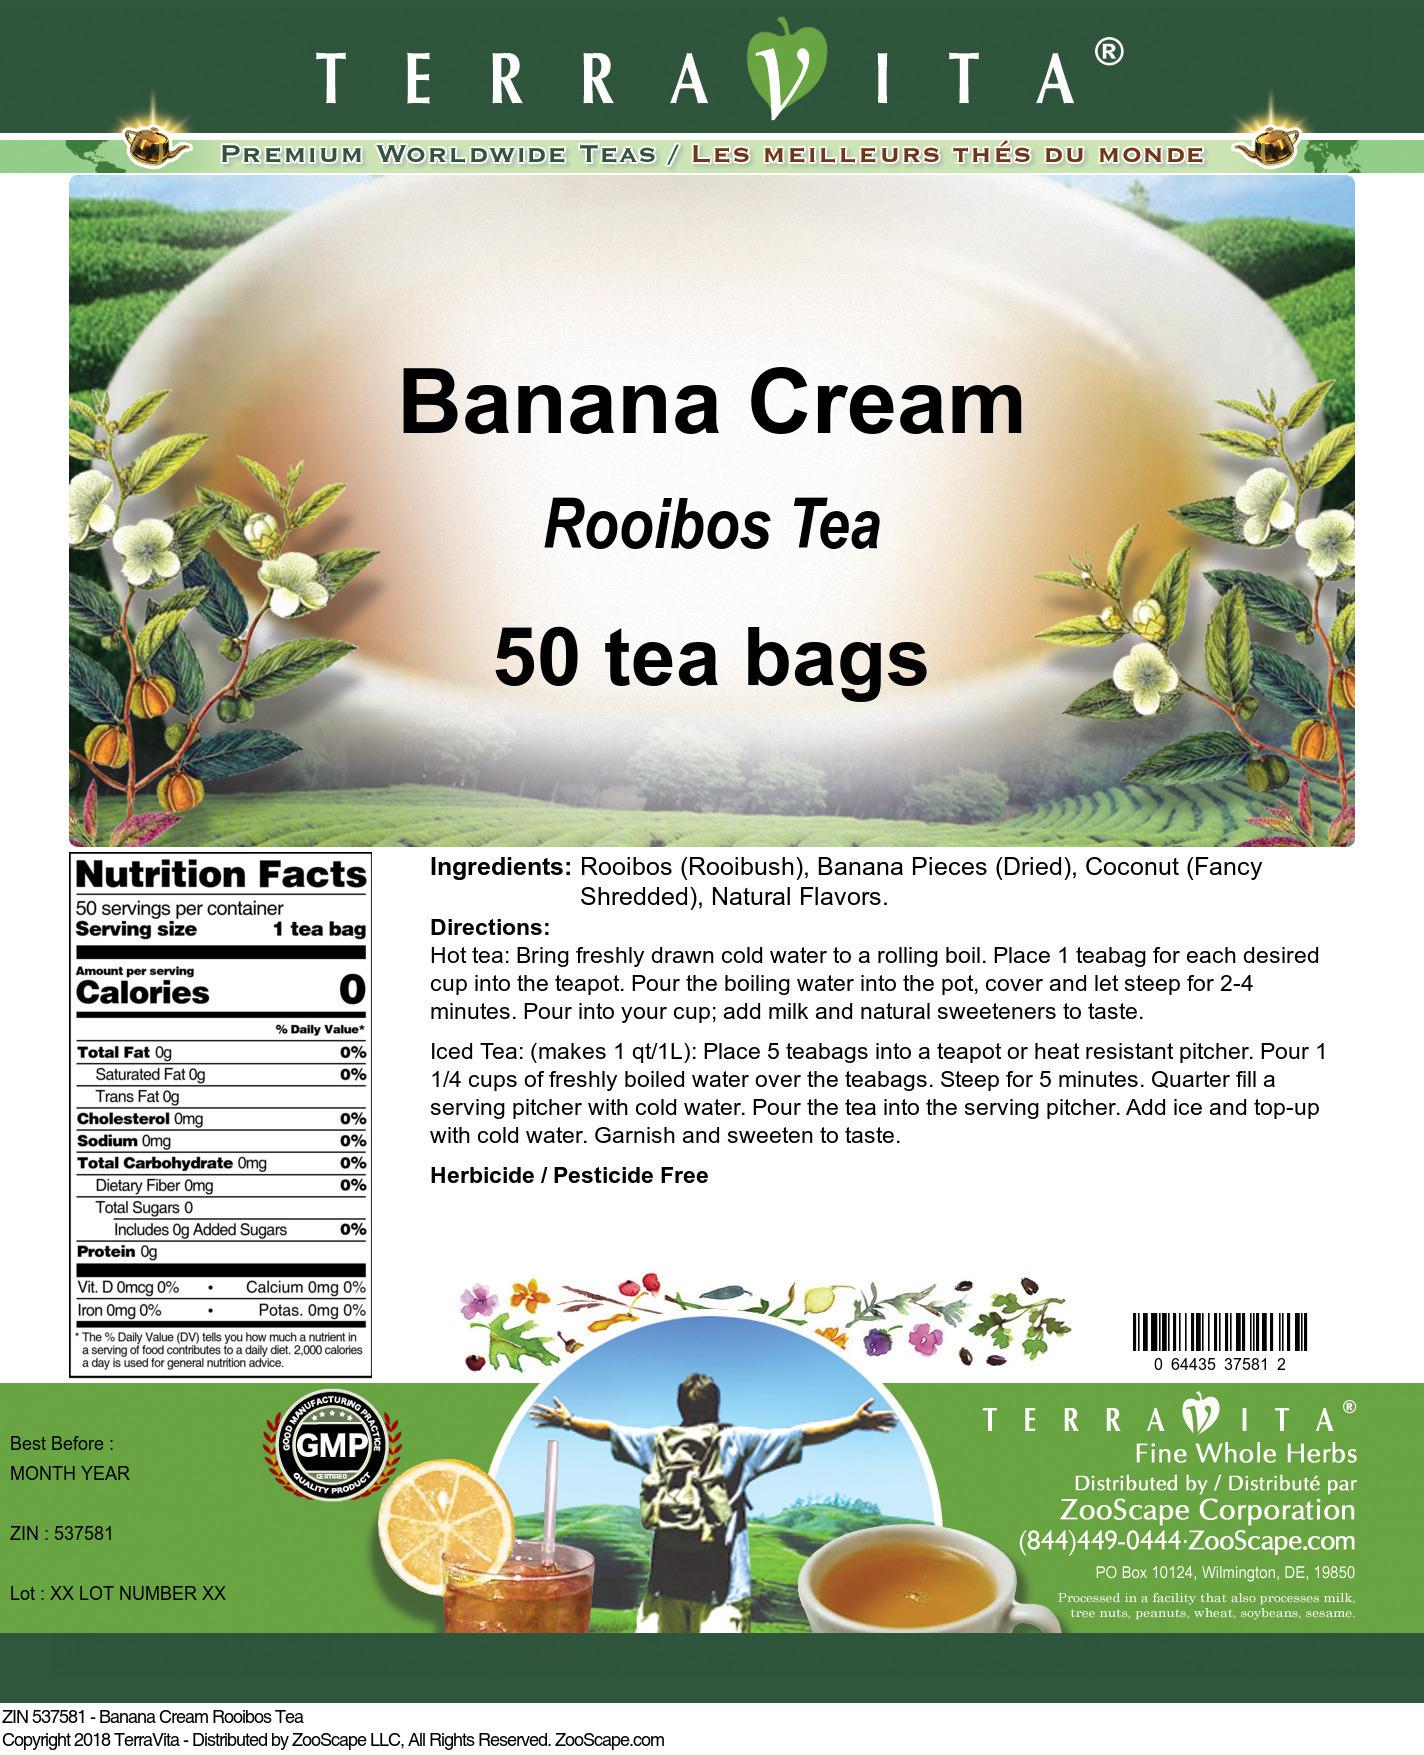 Banana Cream Rooibos Tea